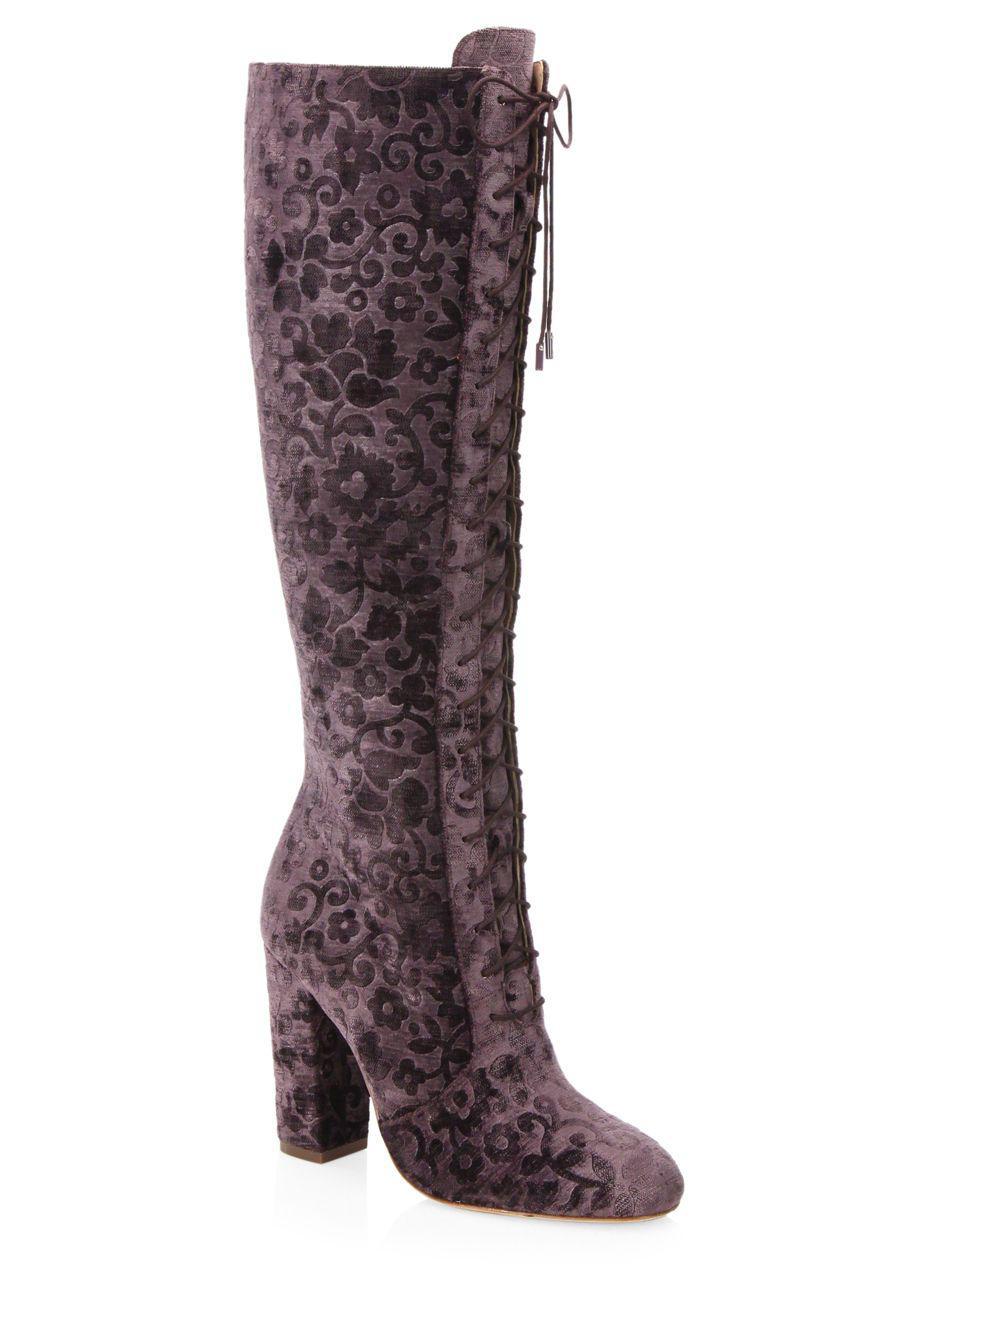 ALICE+OLIVIA Vesey Embossed Velvet Boots mrZoy1RR81